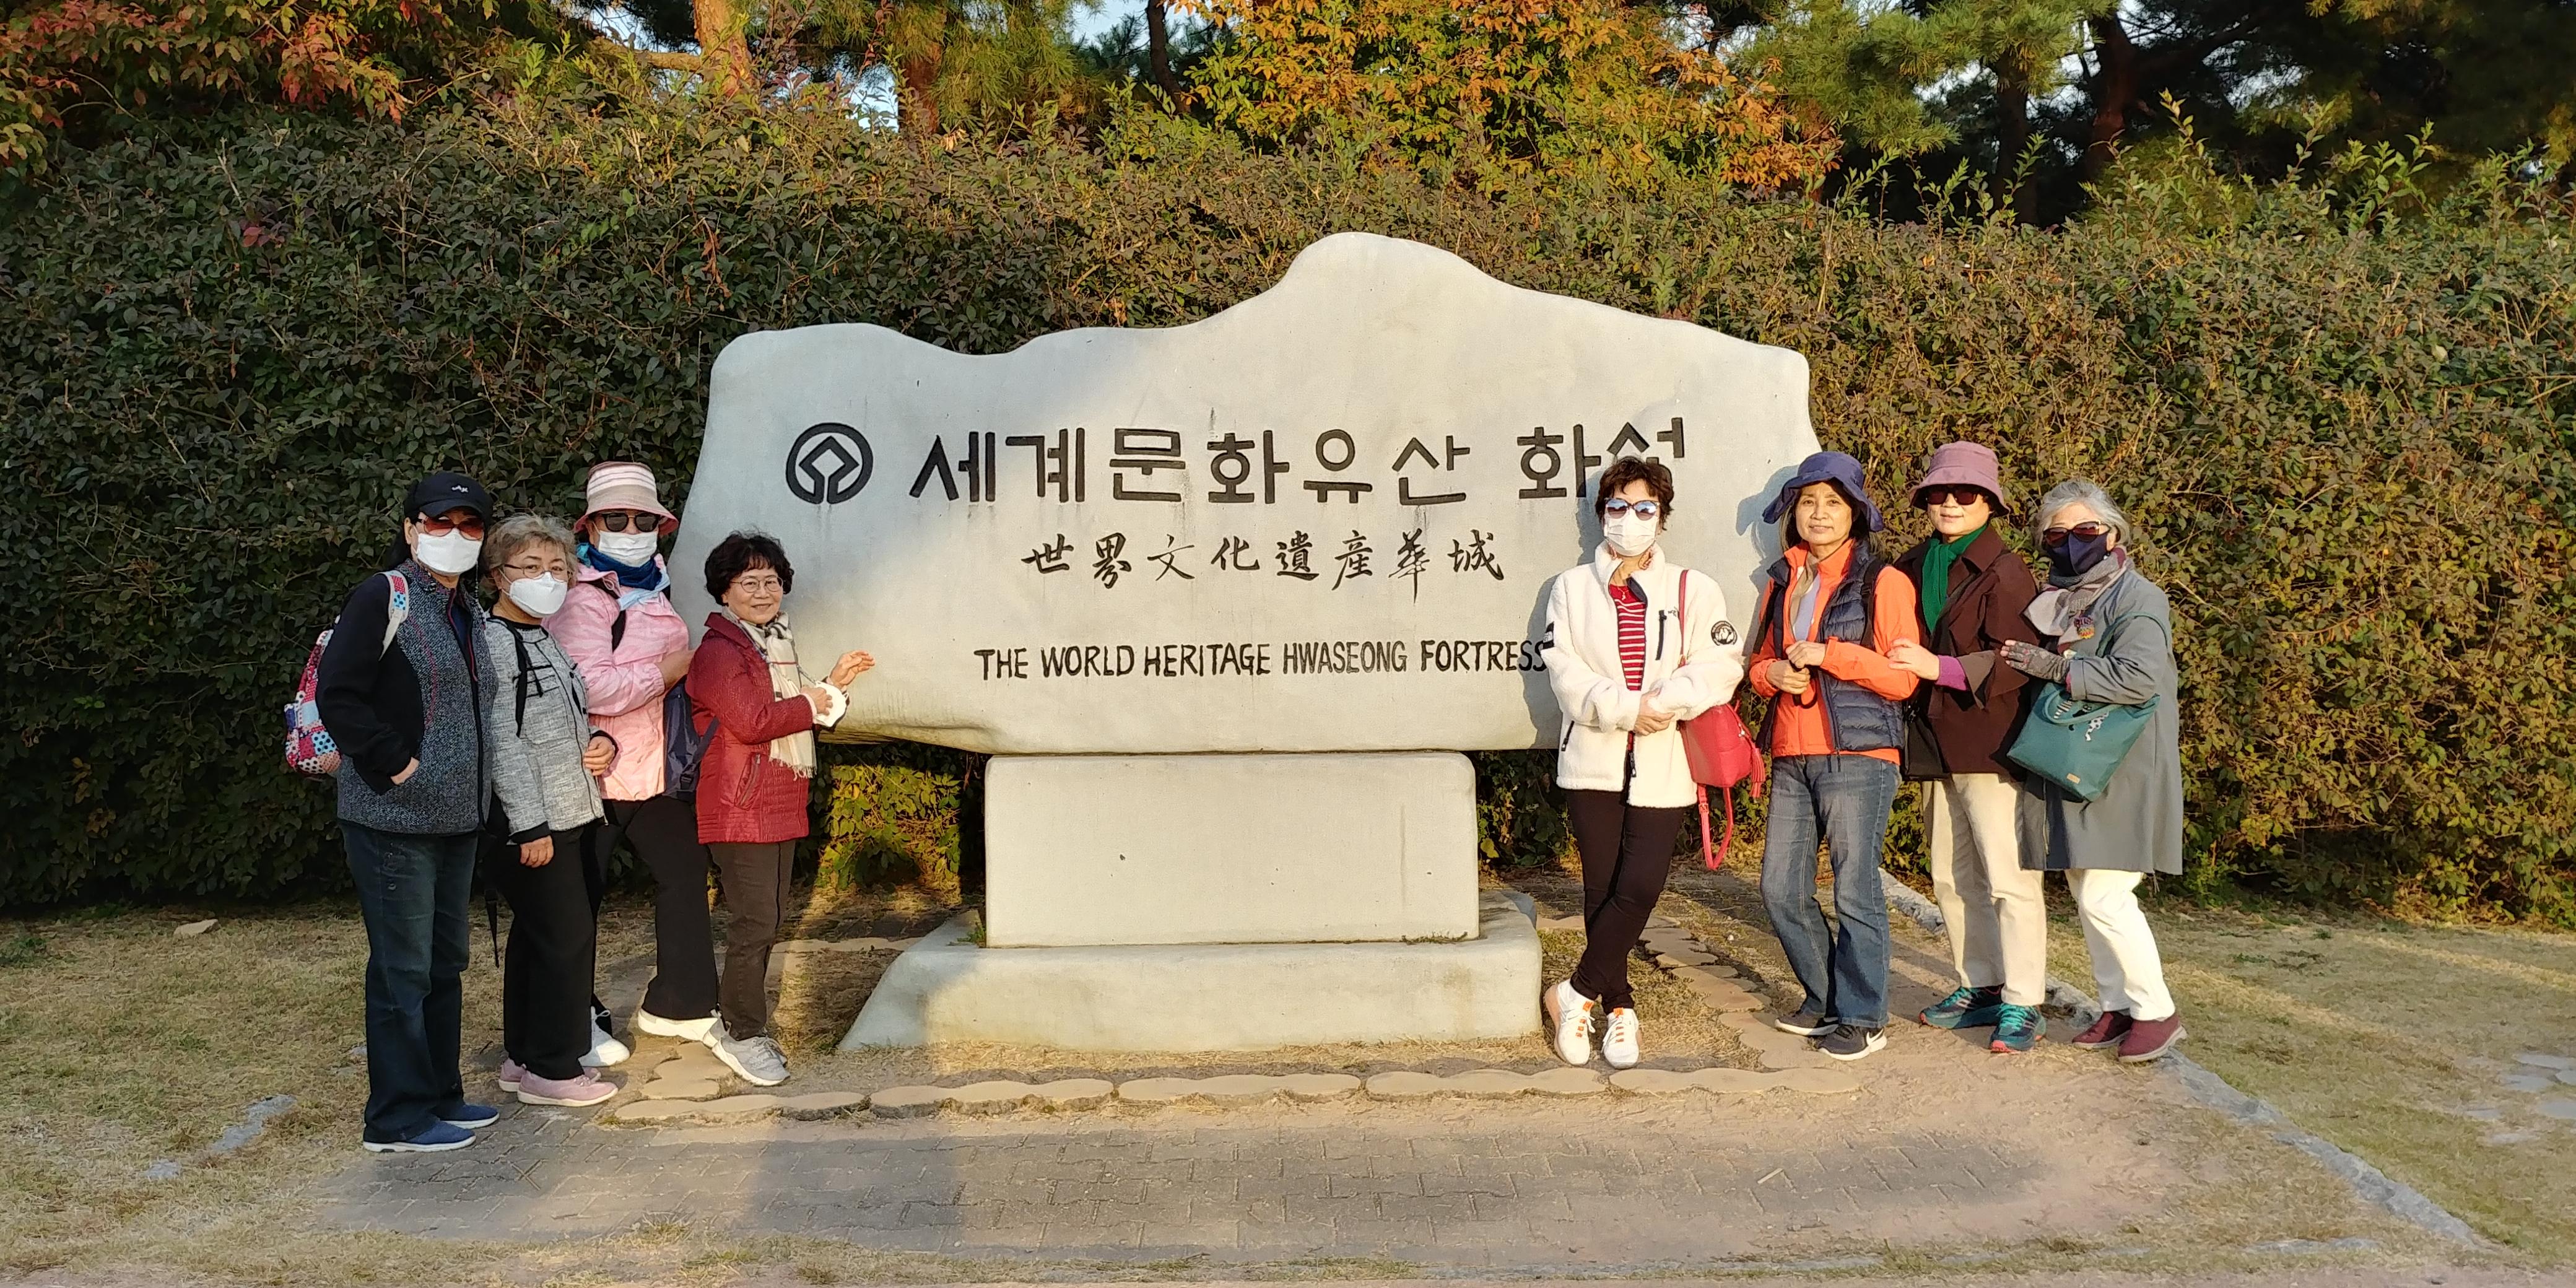 세계문화유산 화성 기념비 앞에서.jpg